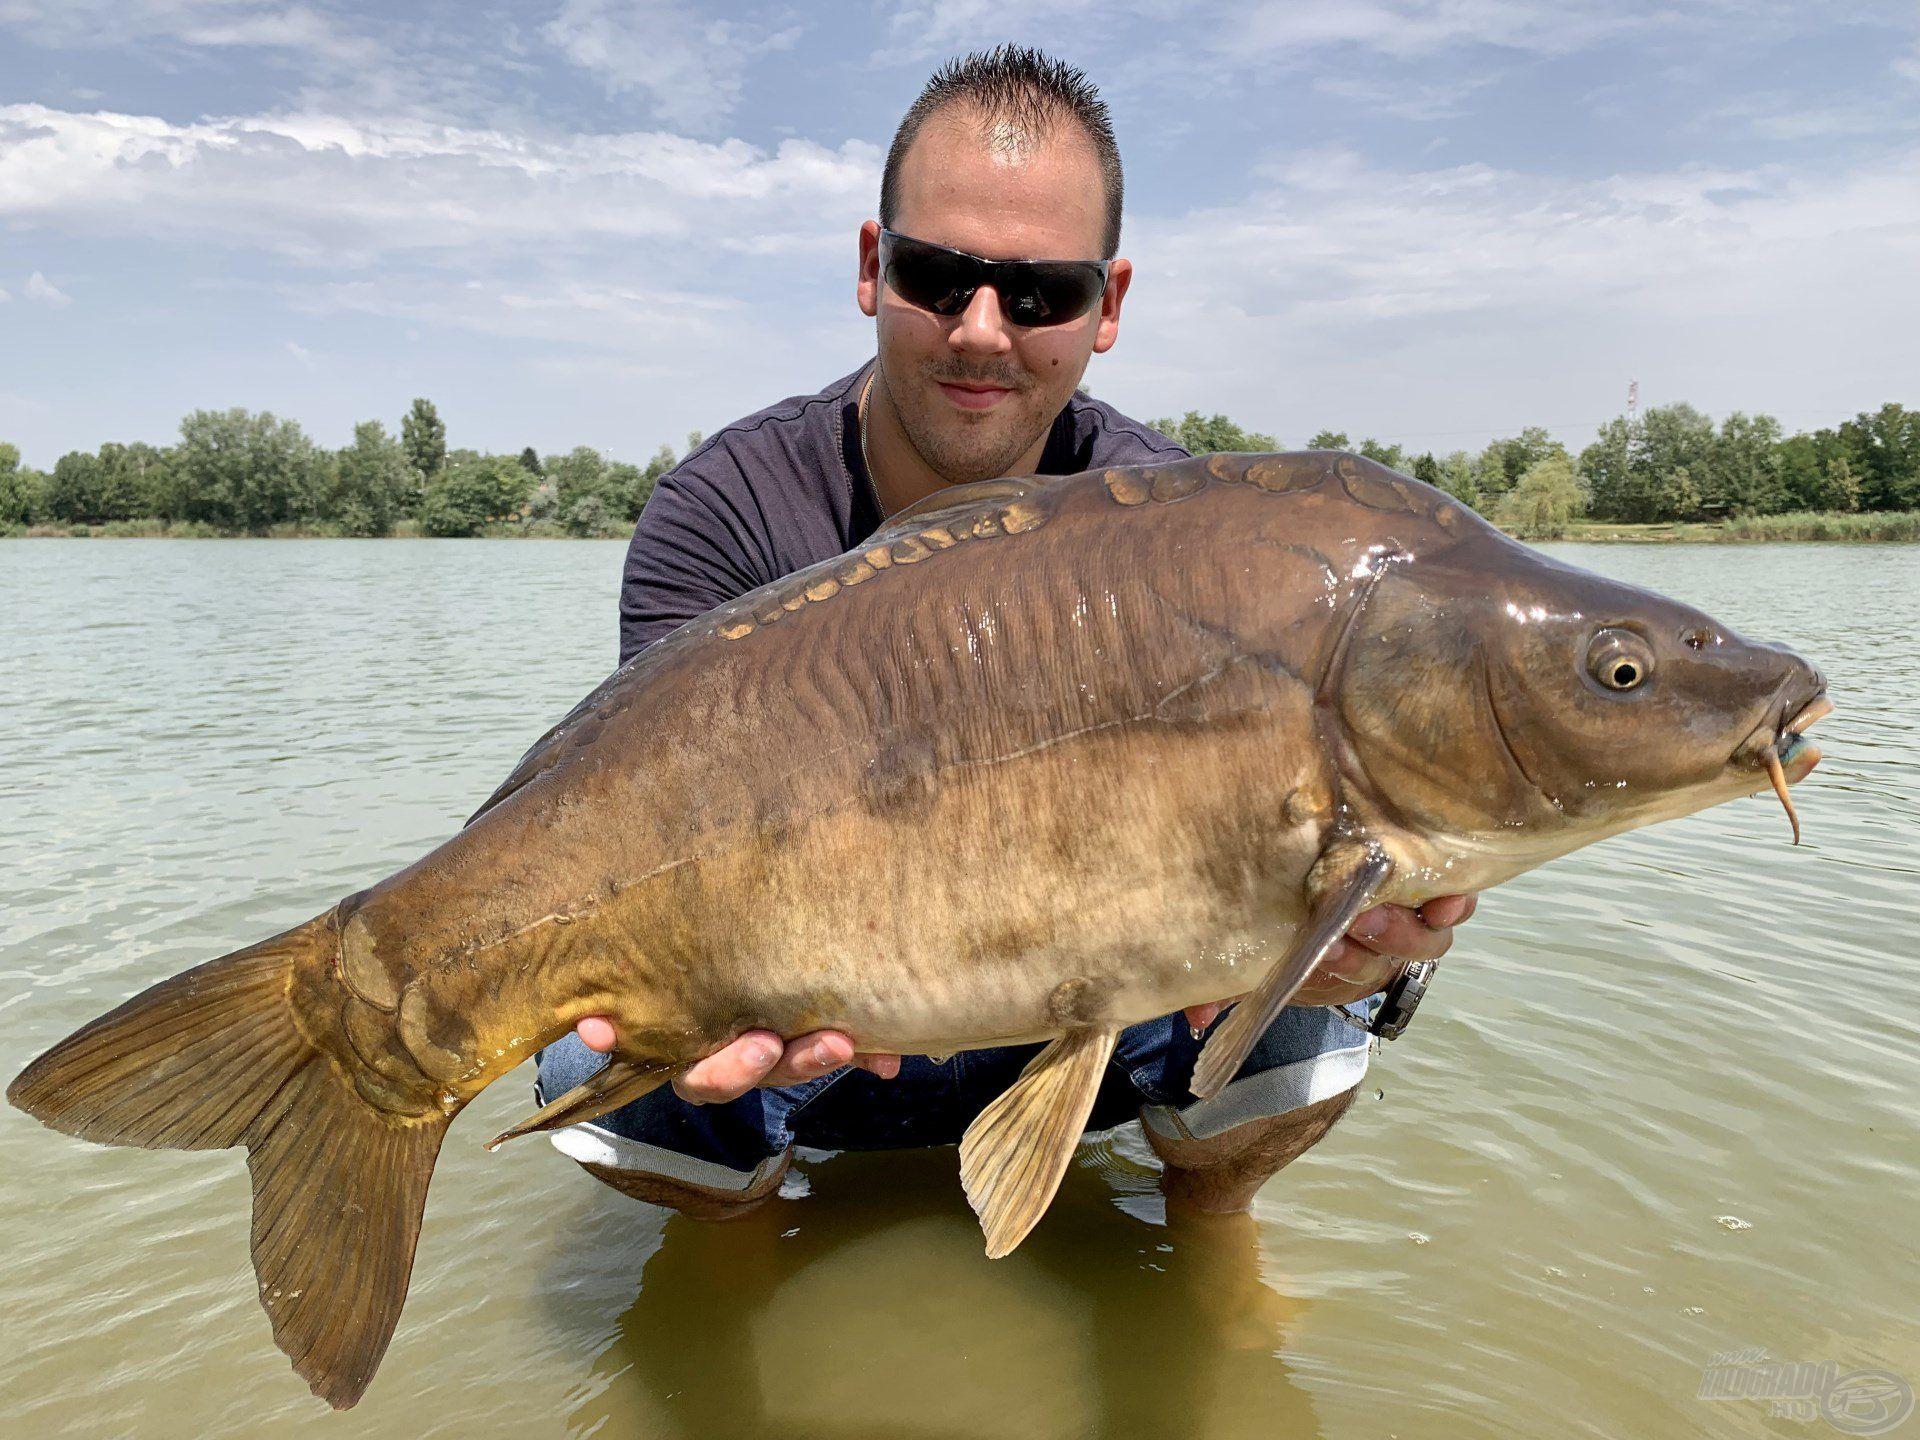 Próbáljátok ki a Deeper Chirp+ 2 okos halradart és fogjatok még több gyönyörű halat!